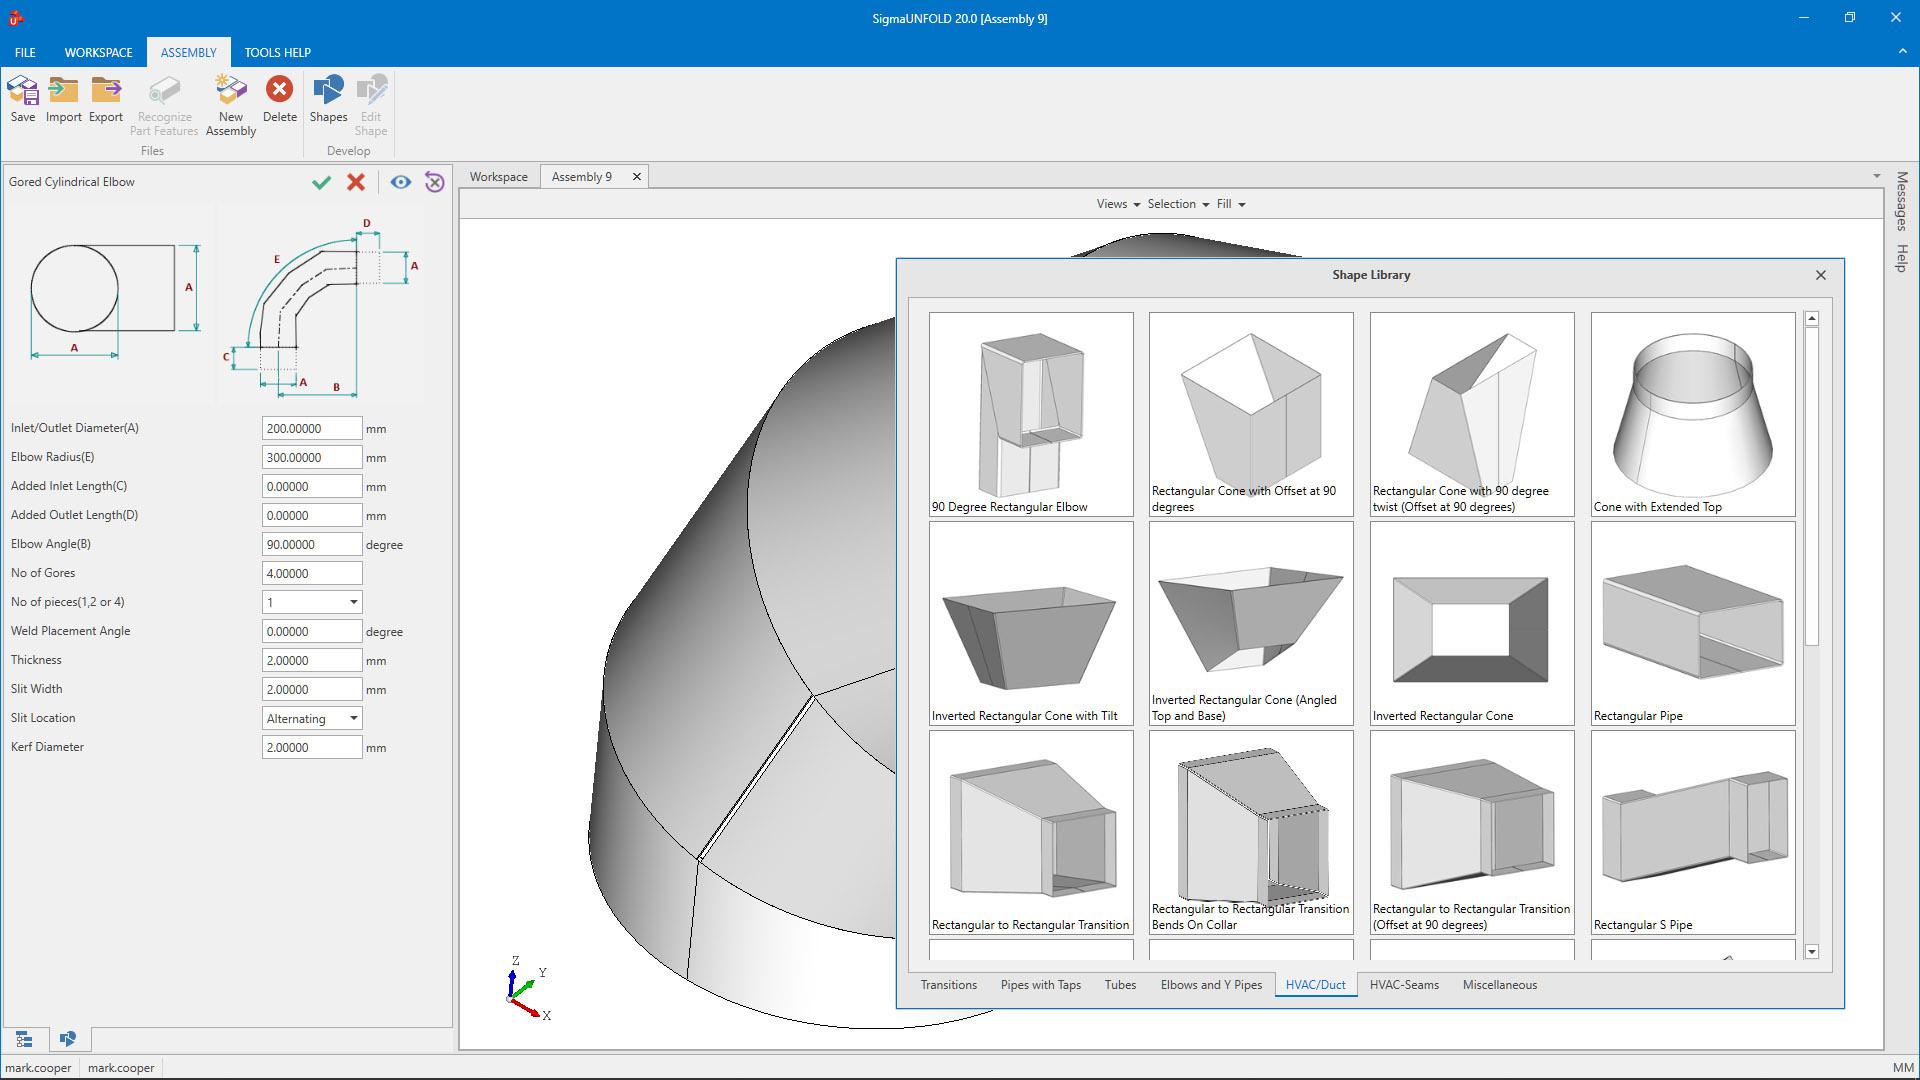 SigmaNest software